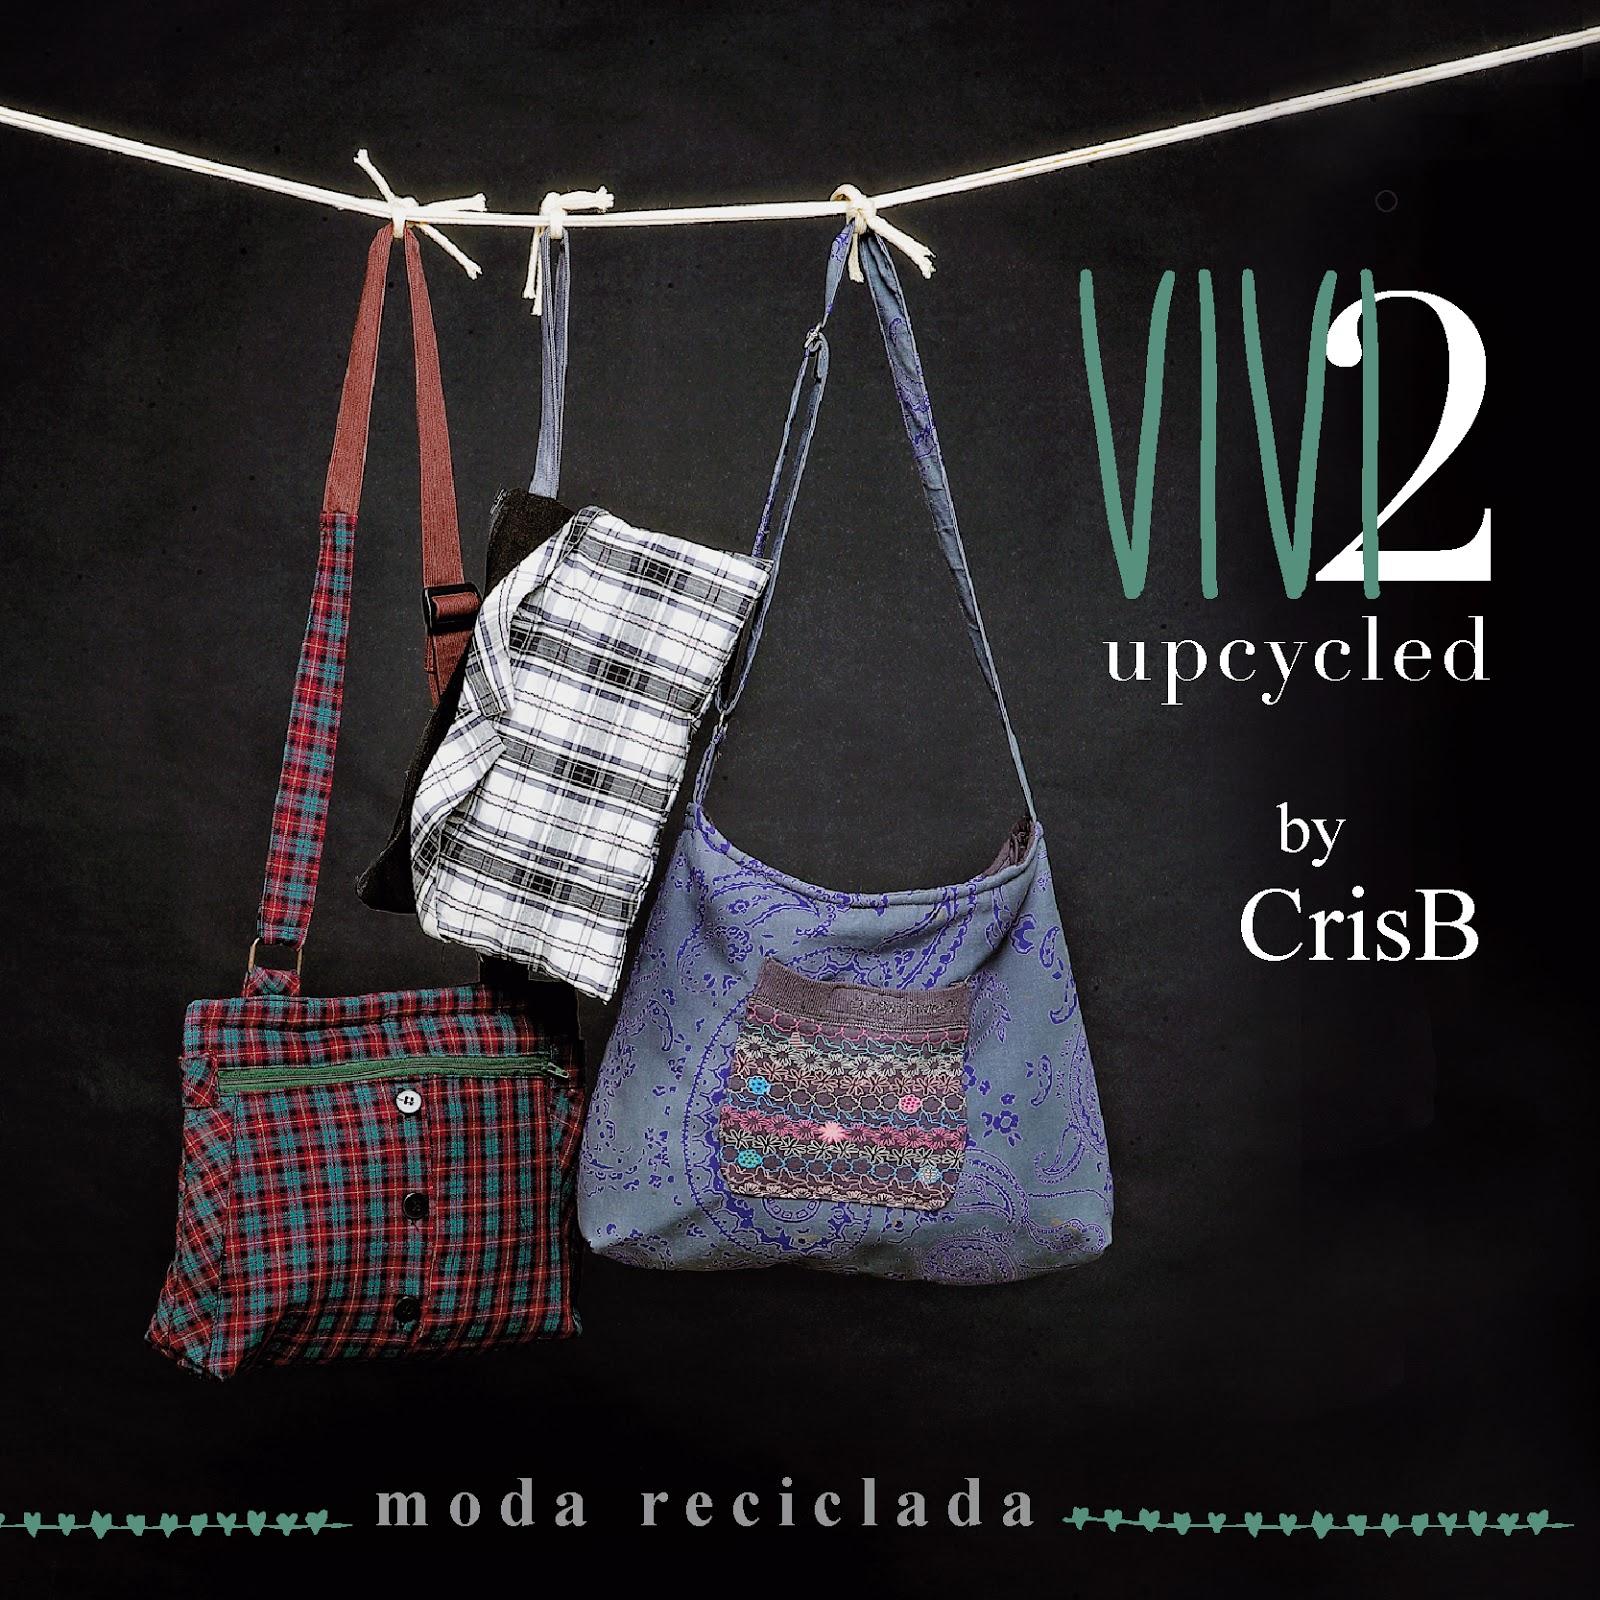 upcycling, moda reciclada, moda sostenible, sostenibilidad, bolsos reciclados